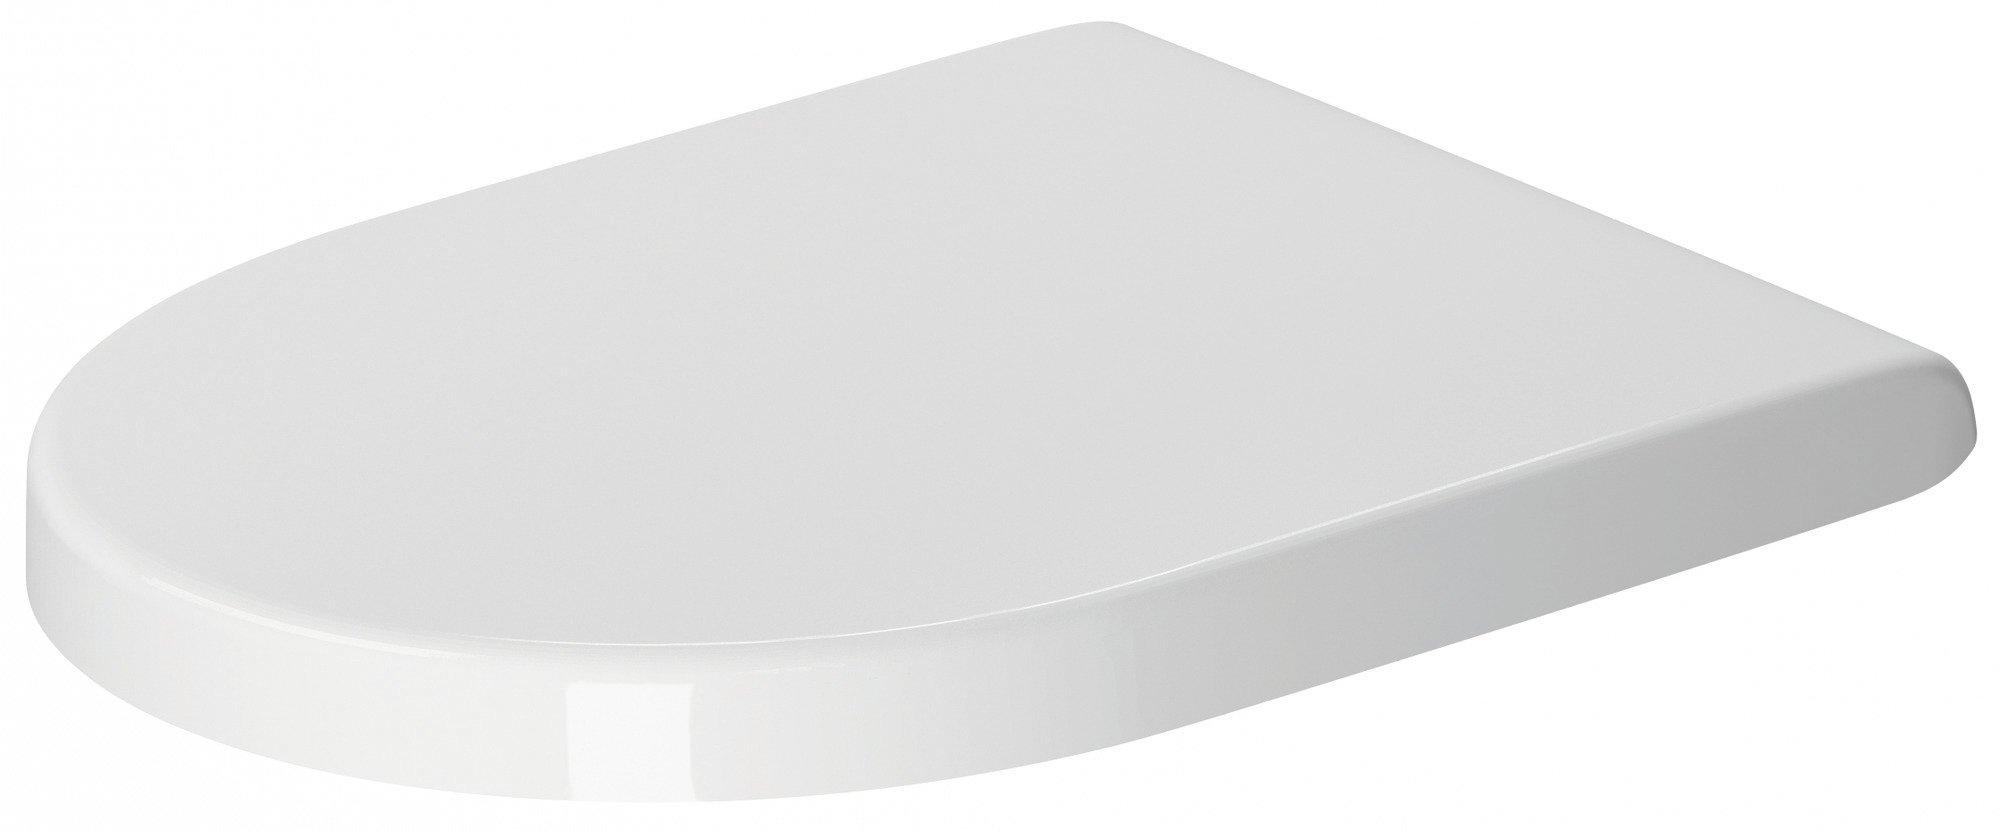 Duravit Starck 3 WC-Sitz Weiß  370